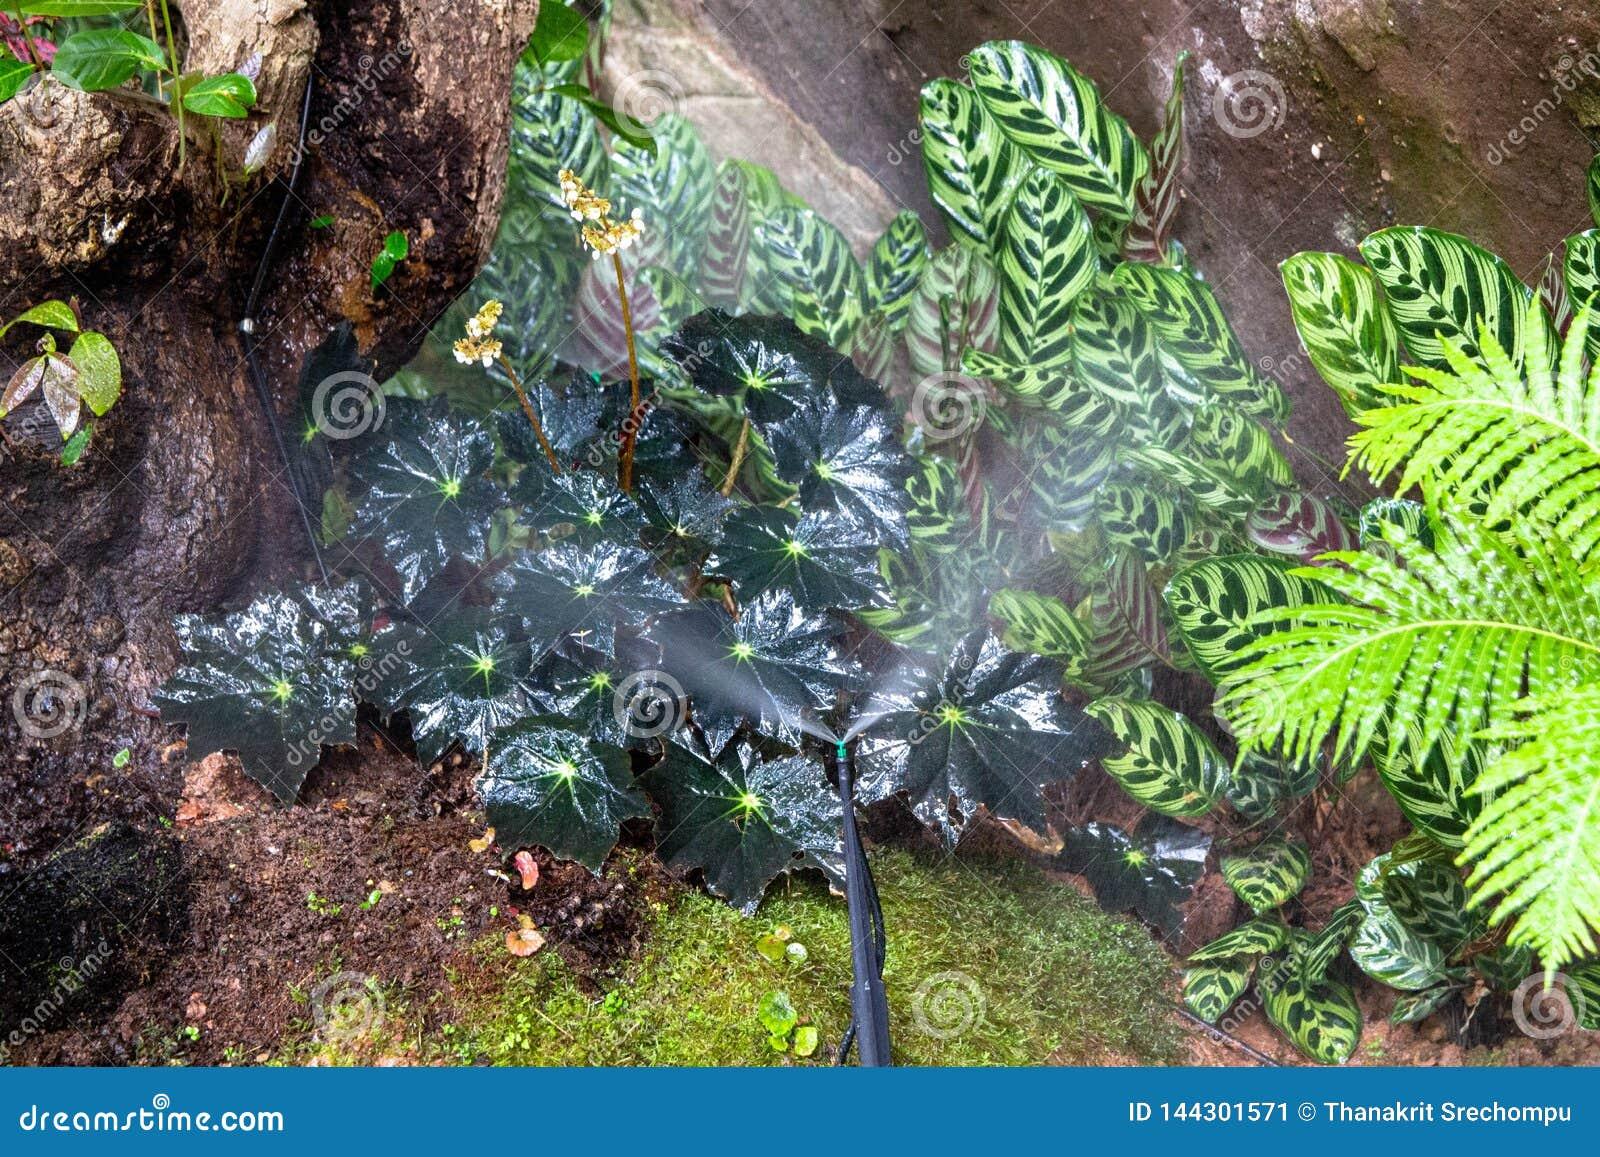 Berieselungsanlagen, die Wasser im Garten besprühen